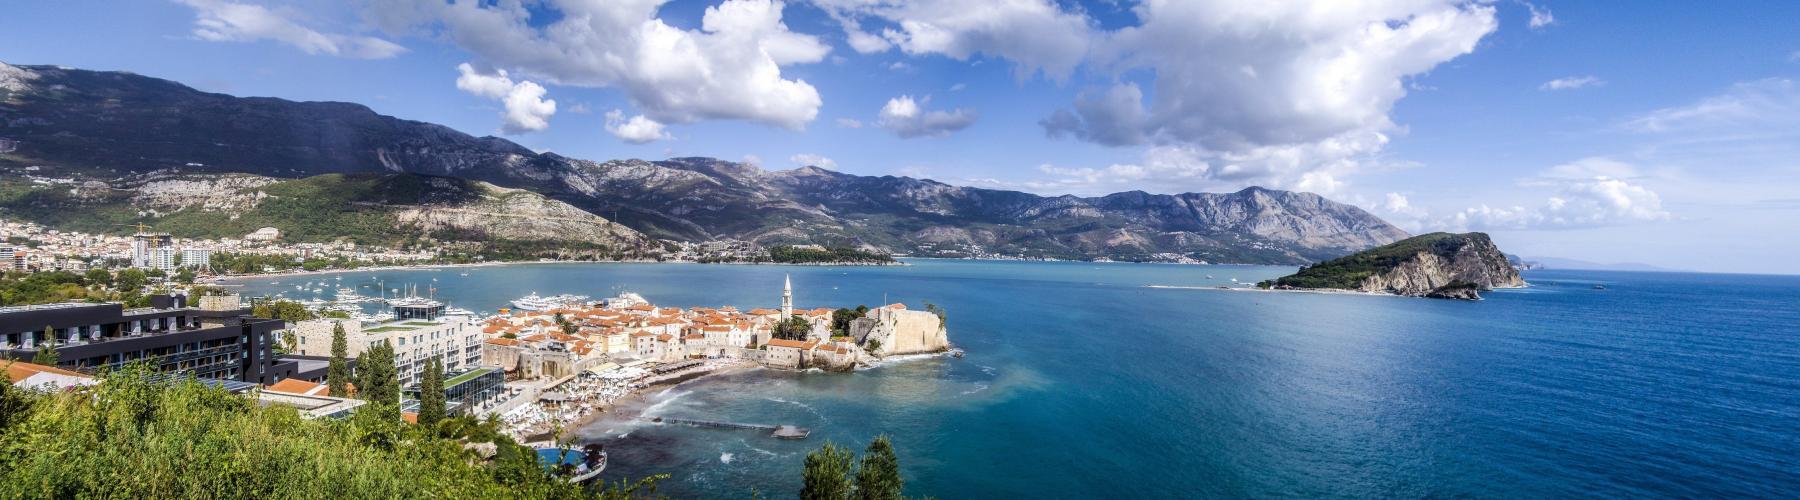 Лучшие путешествия в Черногорию